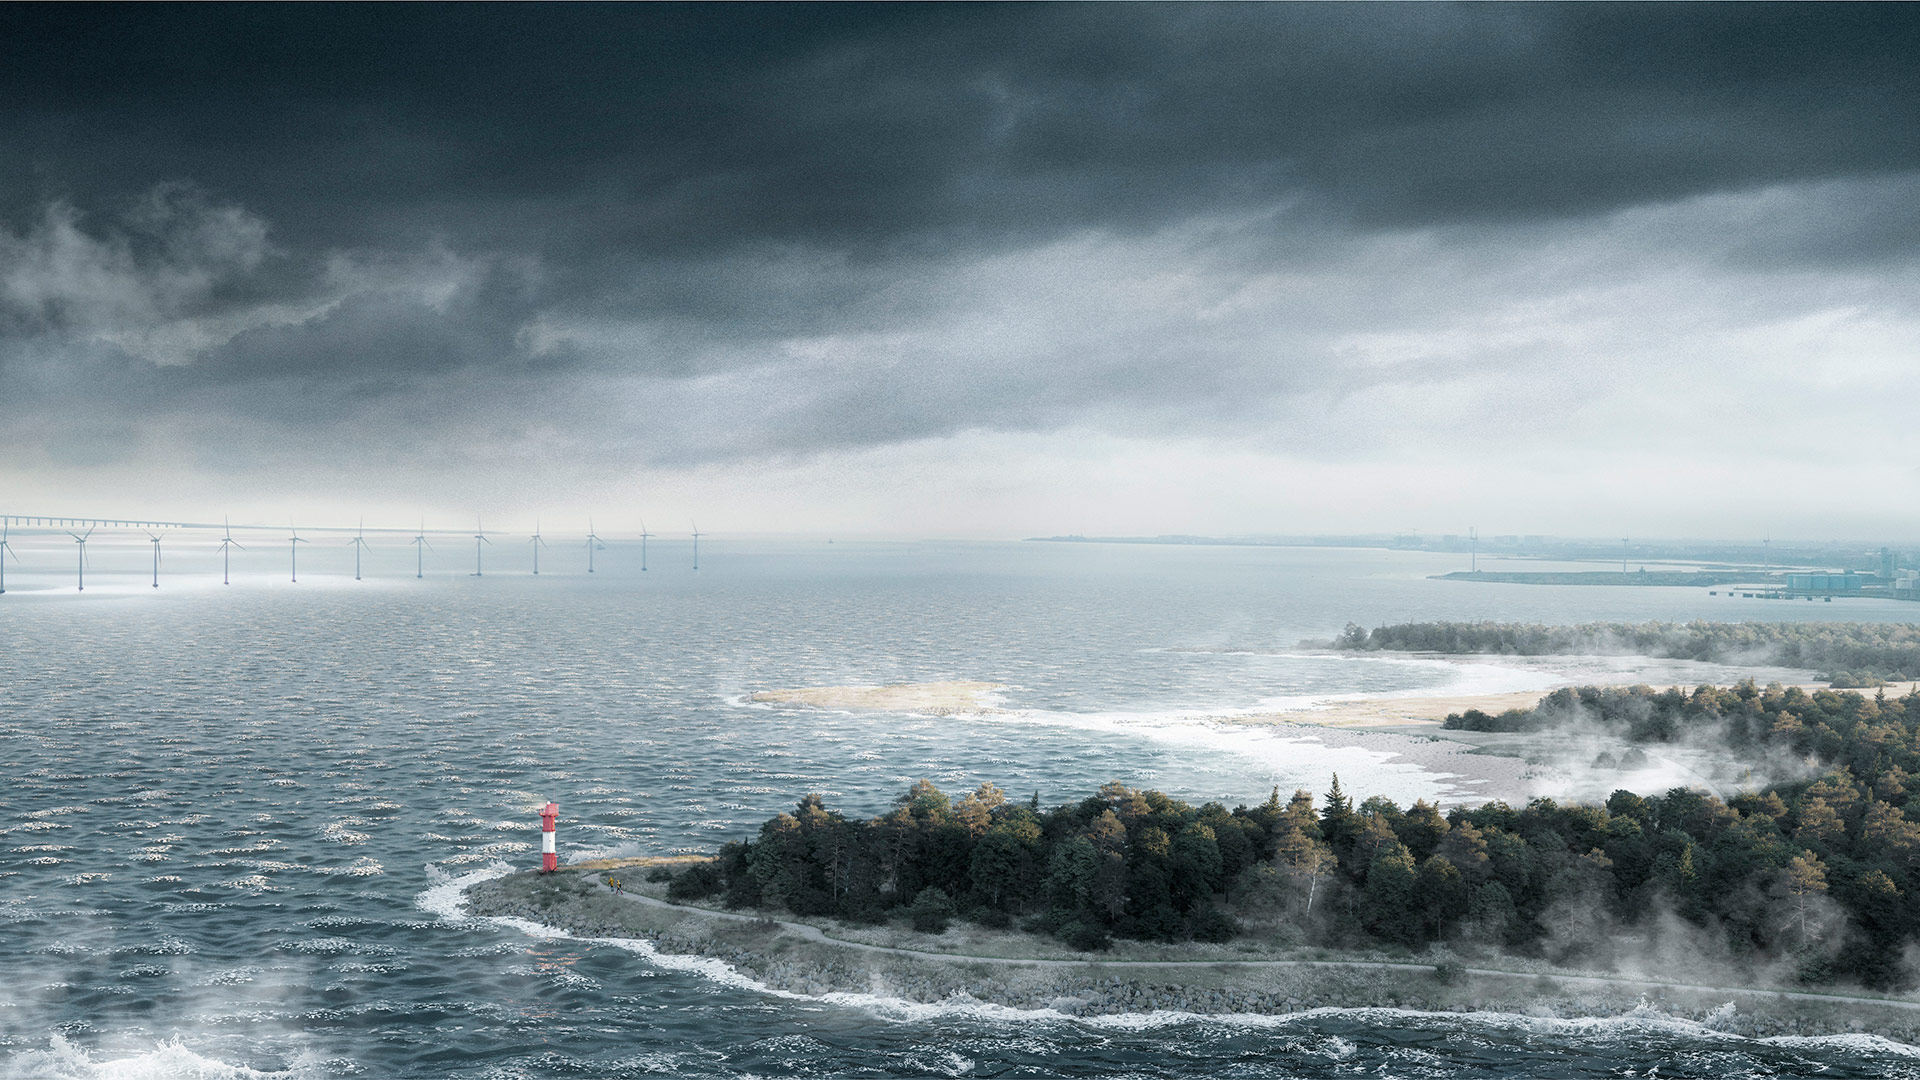 Visualisering fra Lynetteholm - Stormflod. (C) COWI / ARKITEMA / TREDJE NATUR